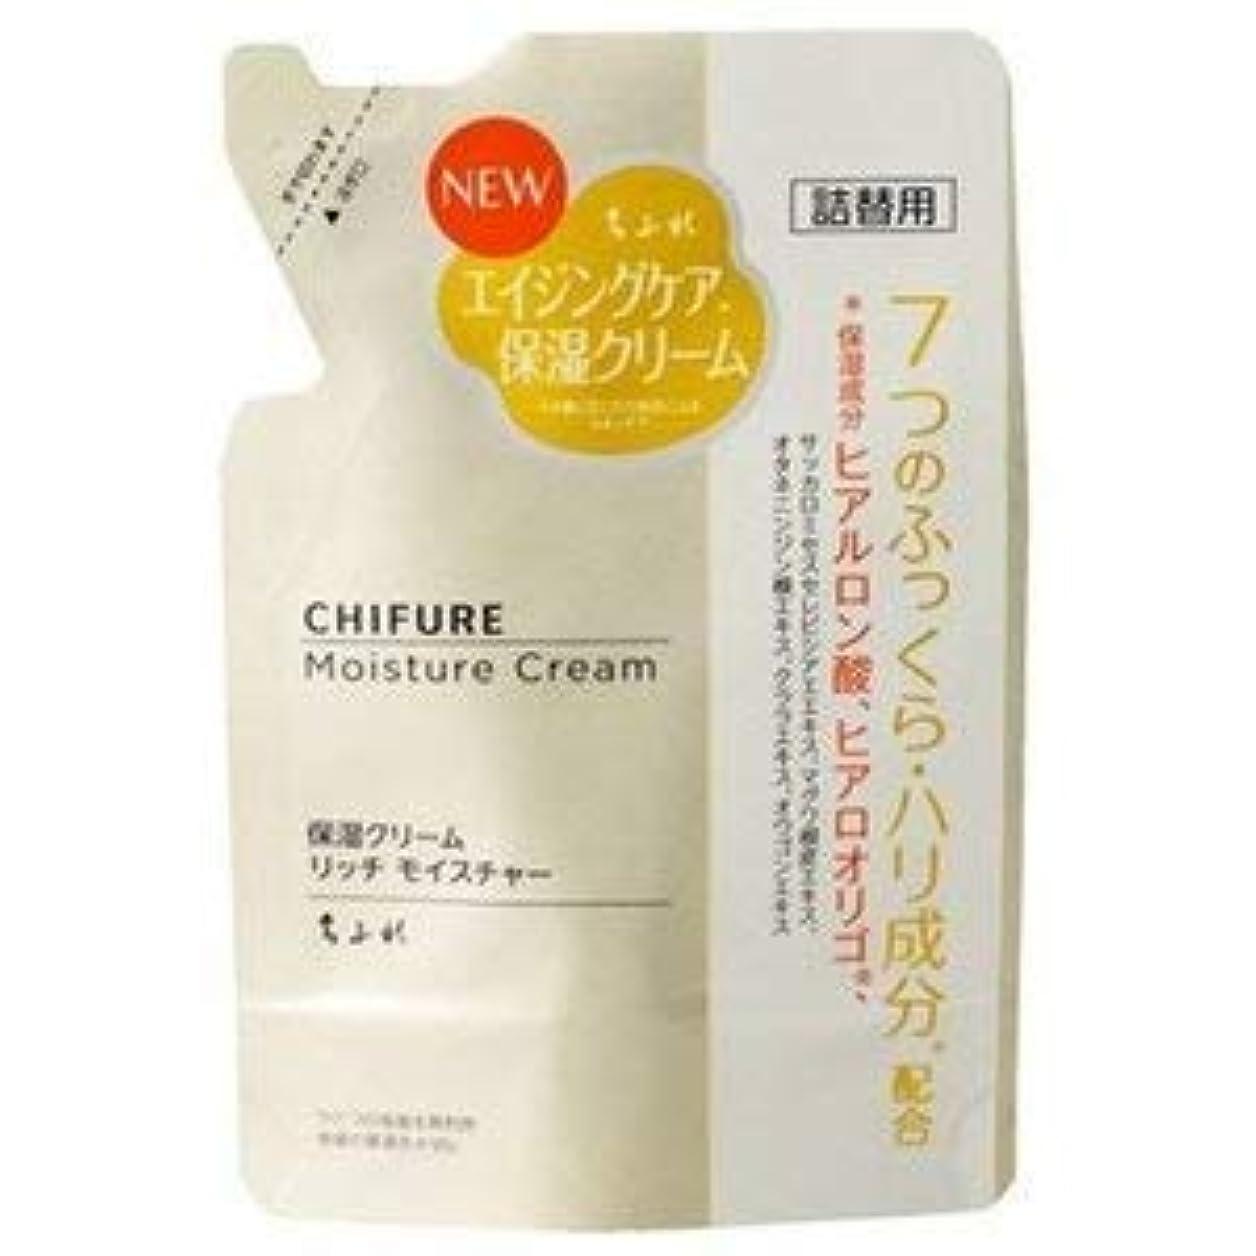 パイプポジション行進ちふれ化粧品 保湿クリーム リッチモイスチャータイプ 54g (詰替)